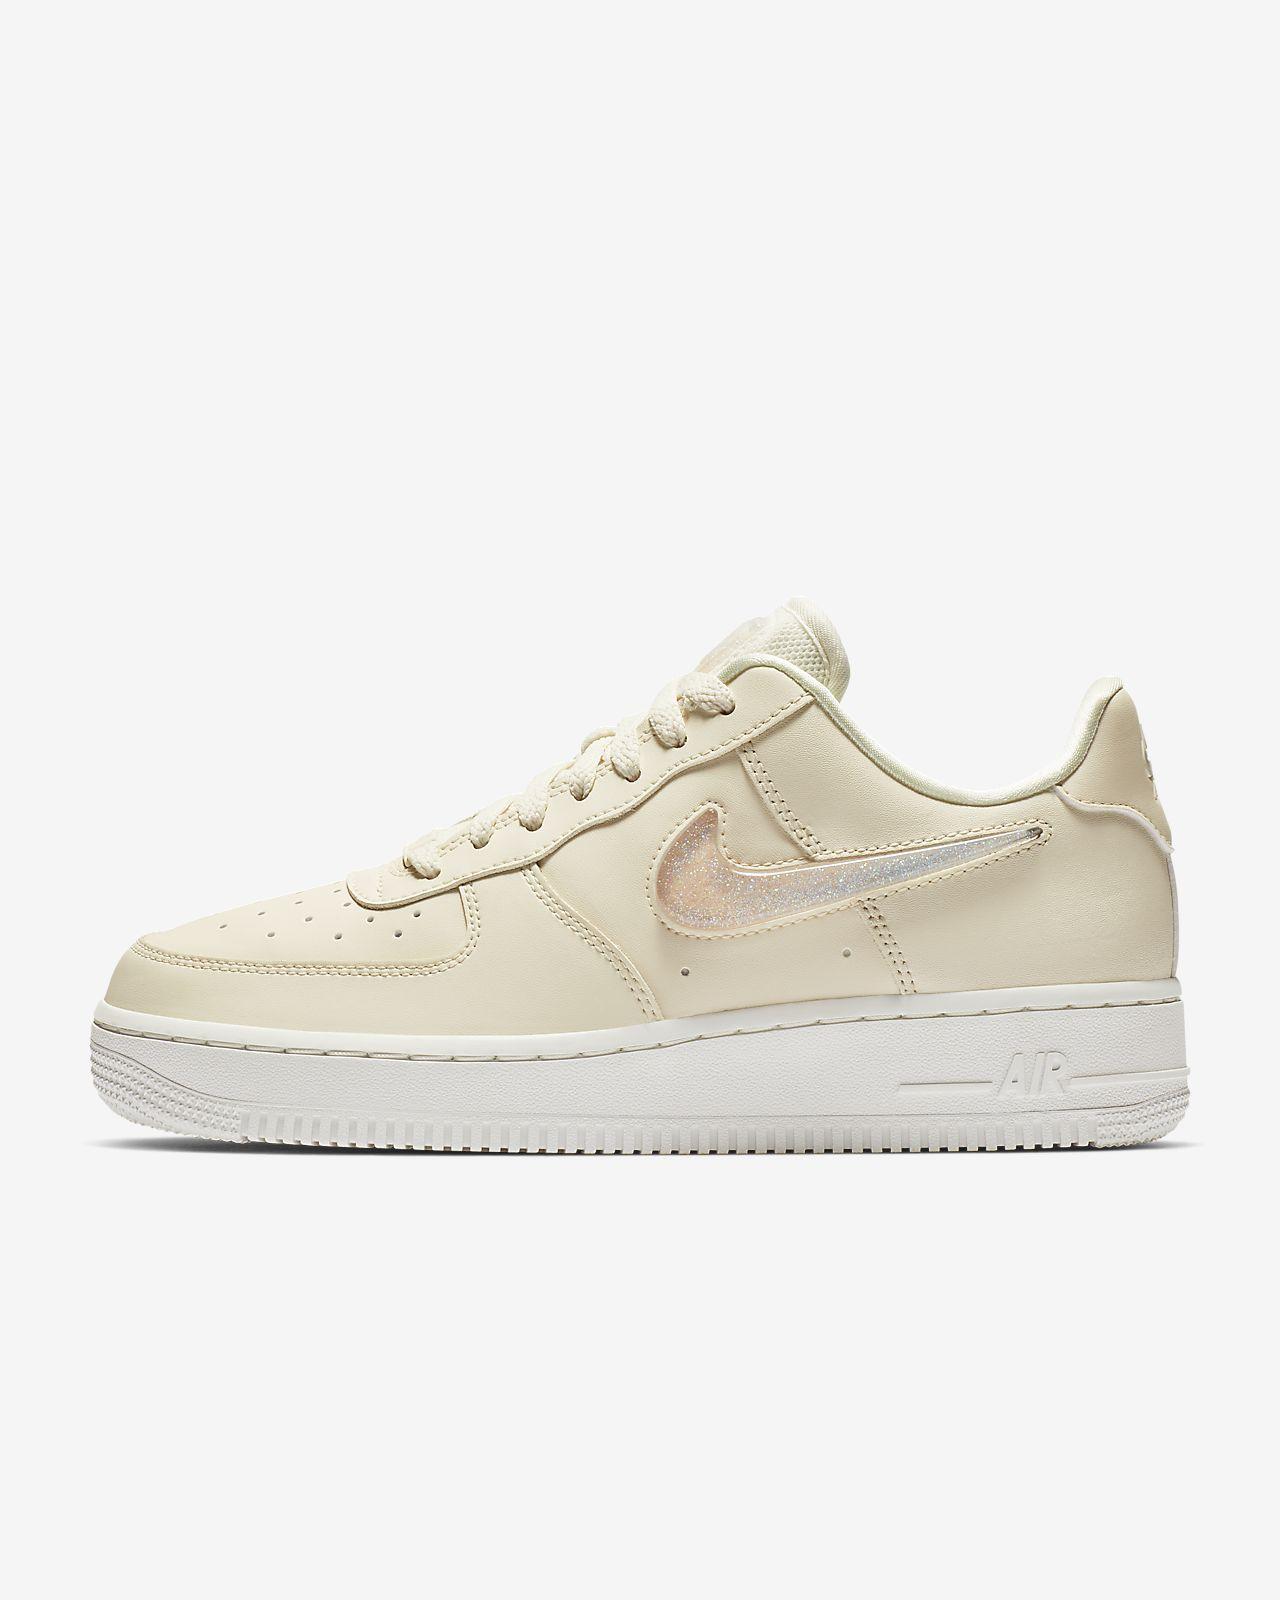 Nike Air Force 1 '07 SE Premium damesko